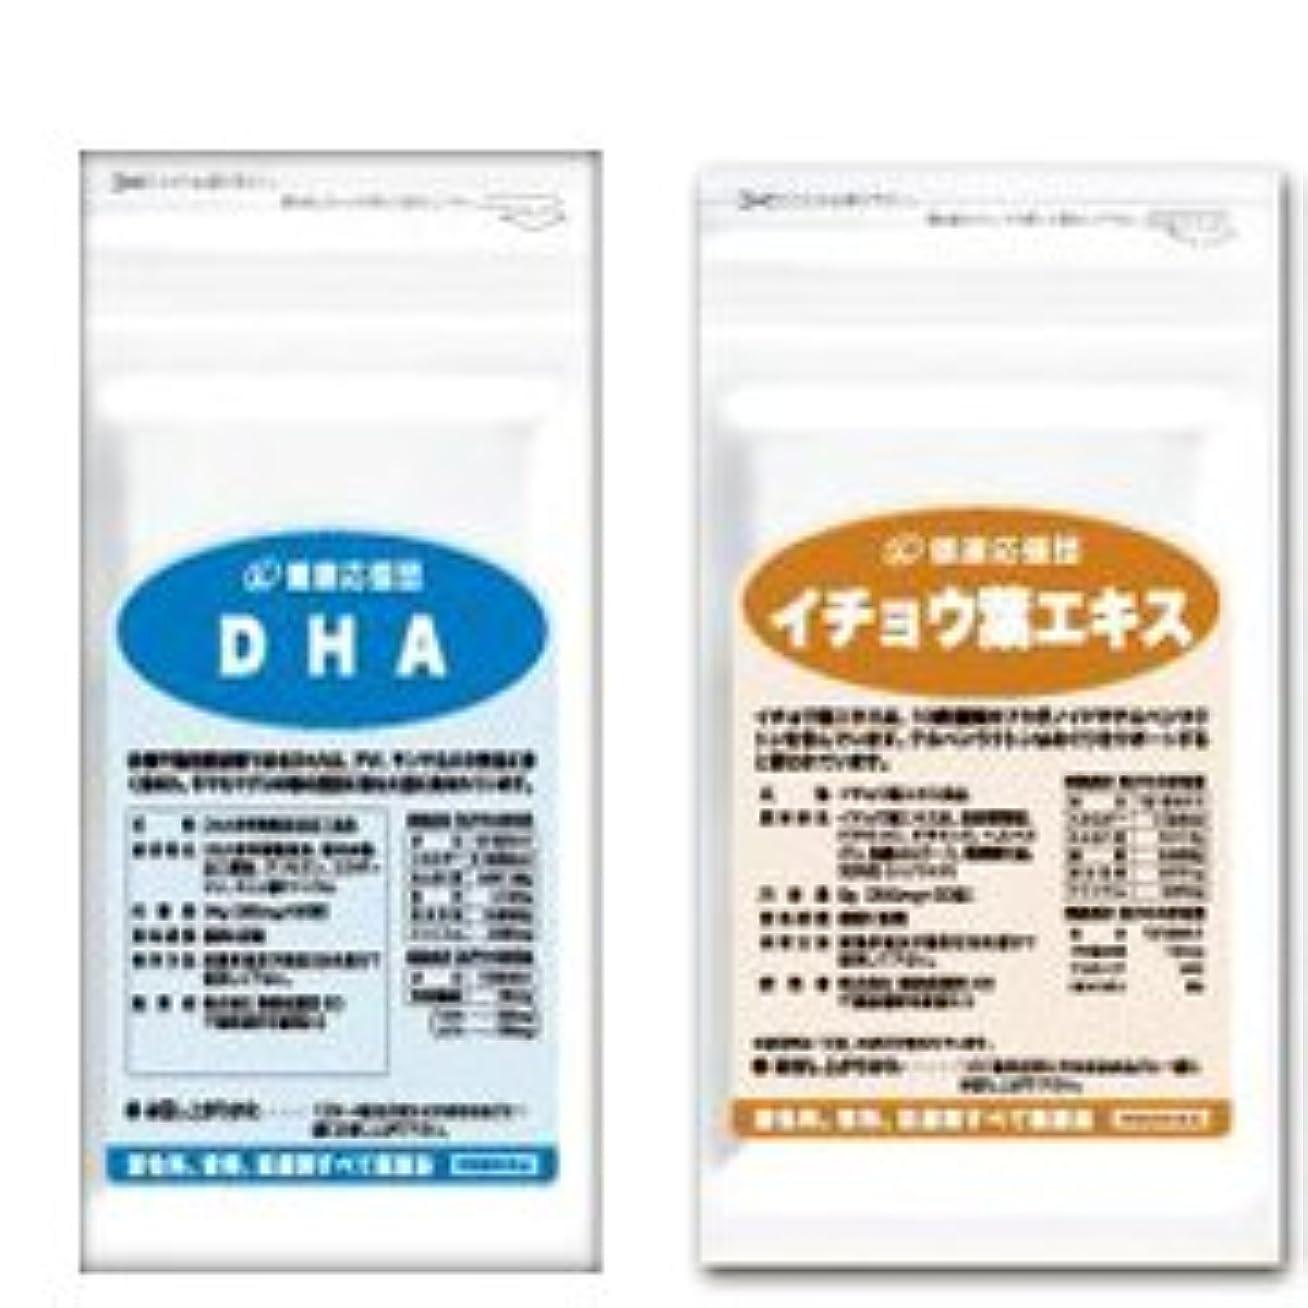 異邦人そよ風週間(お徳用6か月分)サラサラ巡りセット DHA + イチョウ葉エキス 6袋セット (DHA?EPA?イチョウ葉?ビタミンC?ビタミンE?ビタミンP配合)